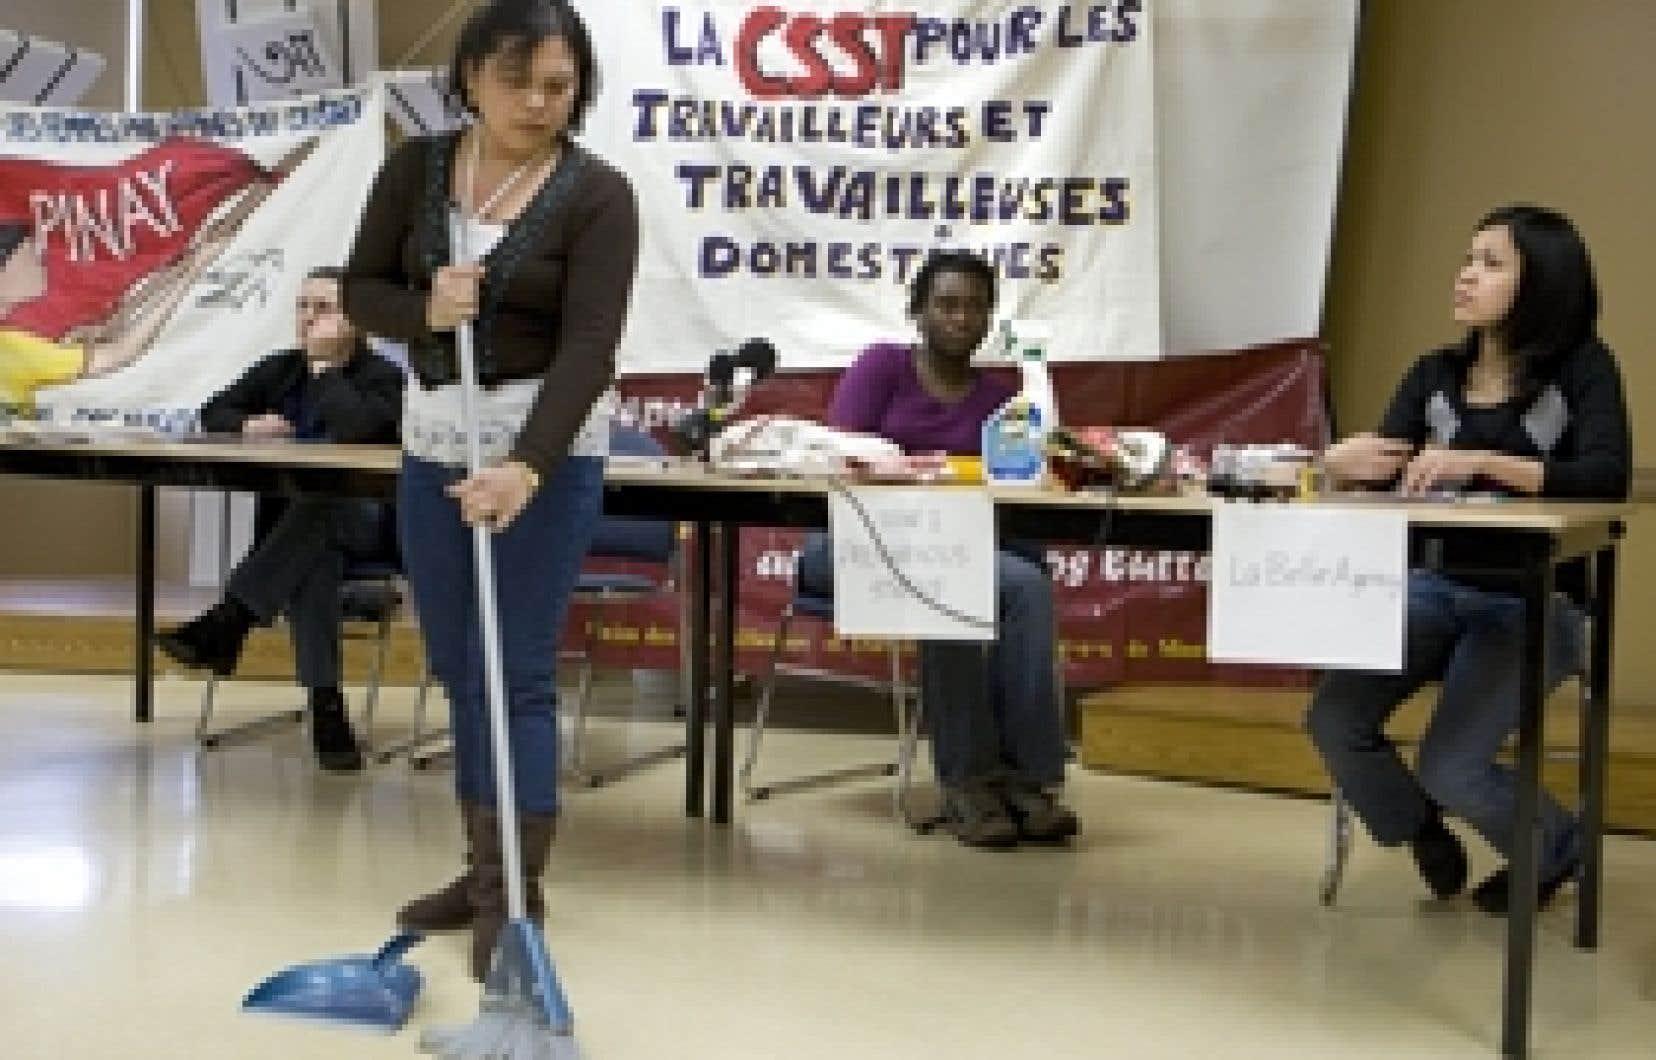 Au cours d'une conférence de presse donnée hier dans Côte-des-Neiges, en plein coeur d'un quartier d'immigrants, des représentantes des travailleuses domestiques ont demandé d'être enfin automatiquement couvertes par la CSST en cas de malad